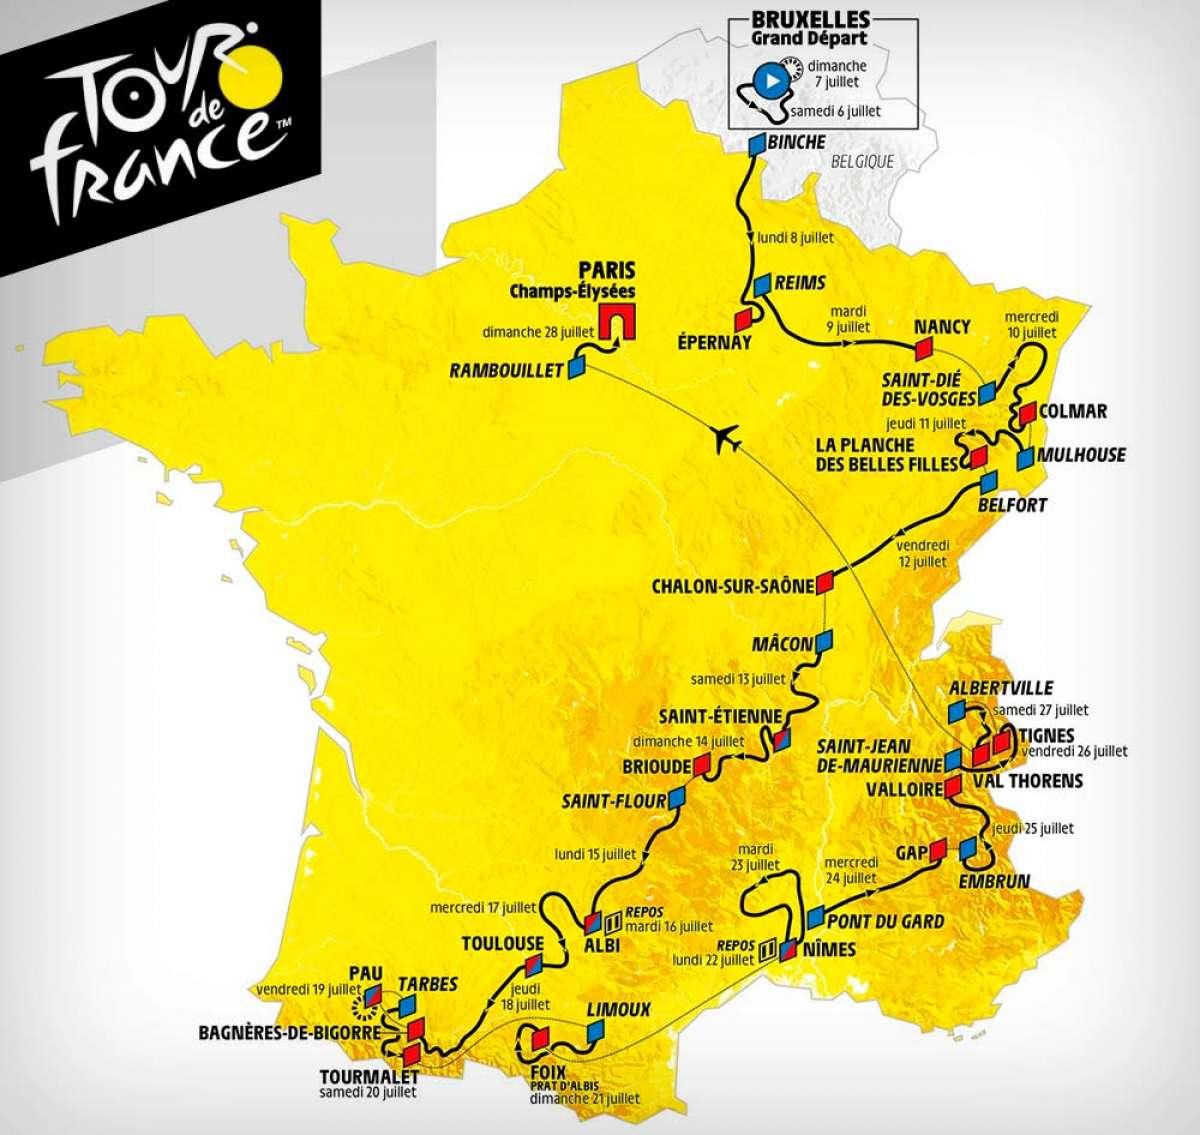 El recorrido del Tour de Francia 2019, al completo